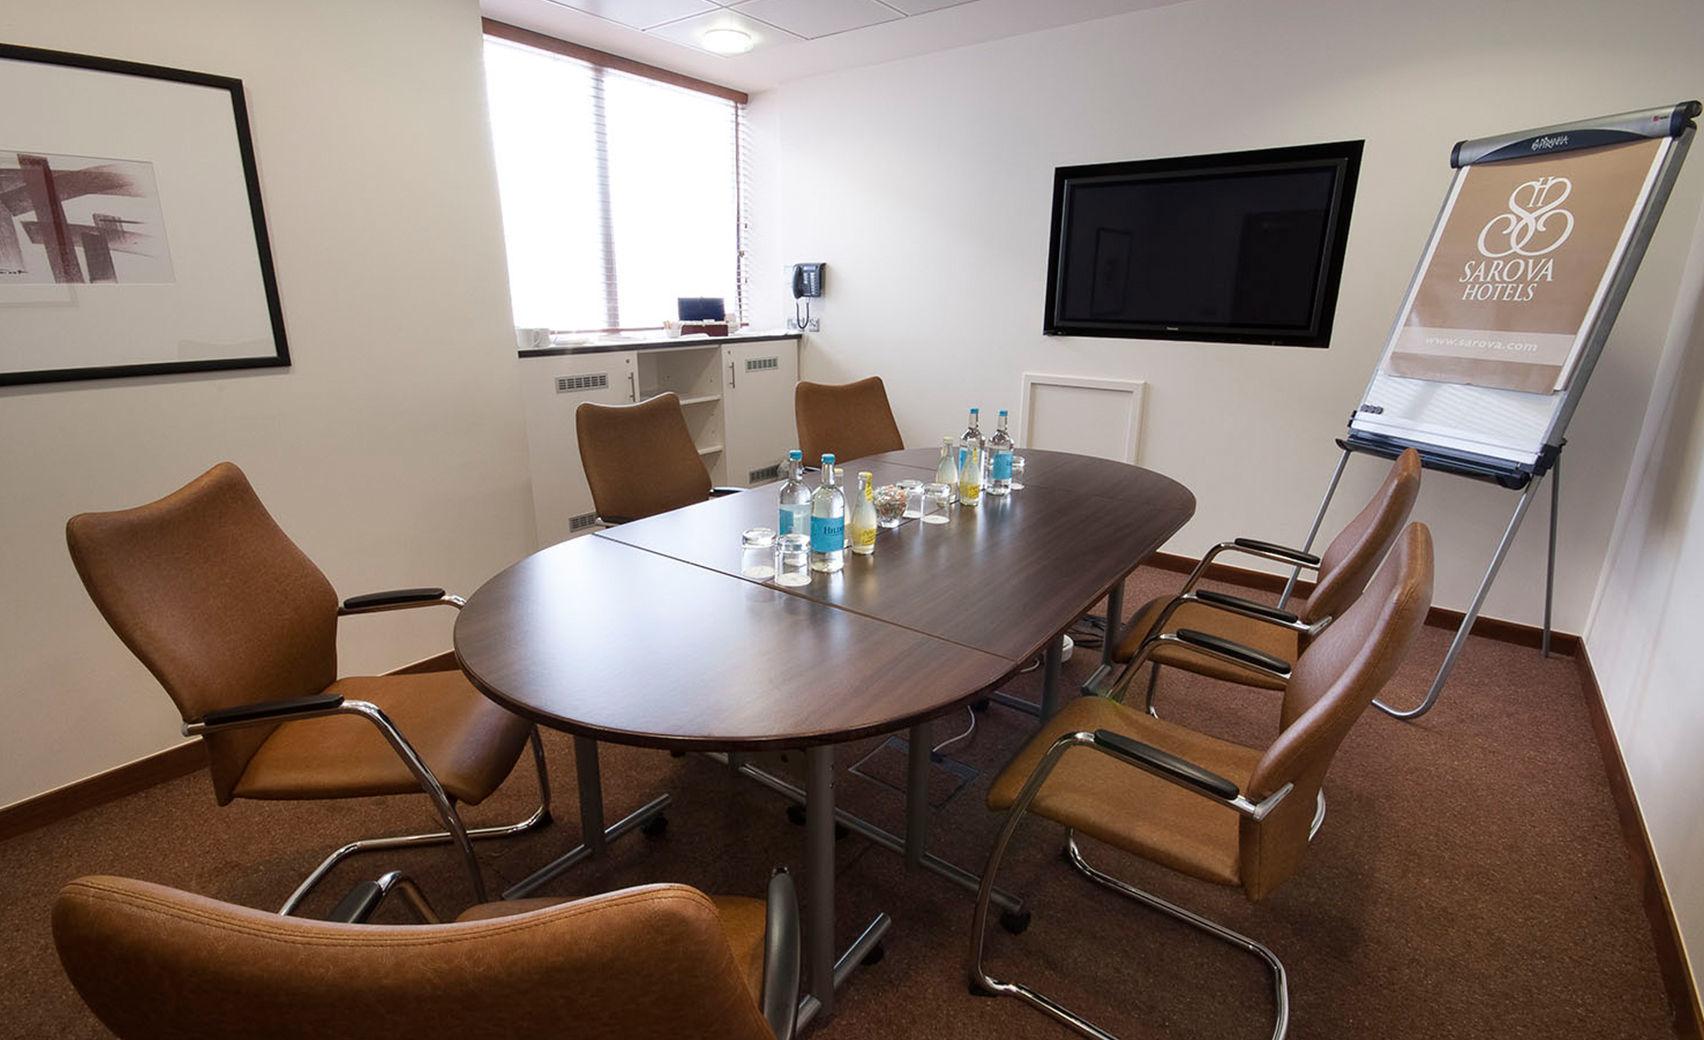 Sandringham Boardroom, Sir Christopher Wren Hotel